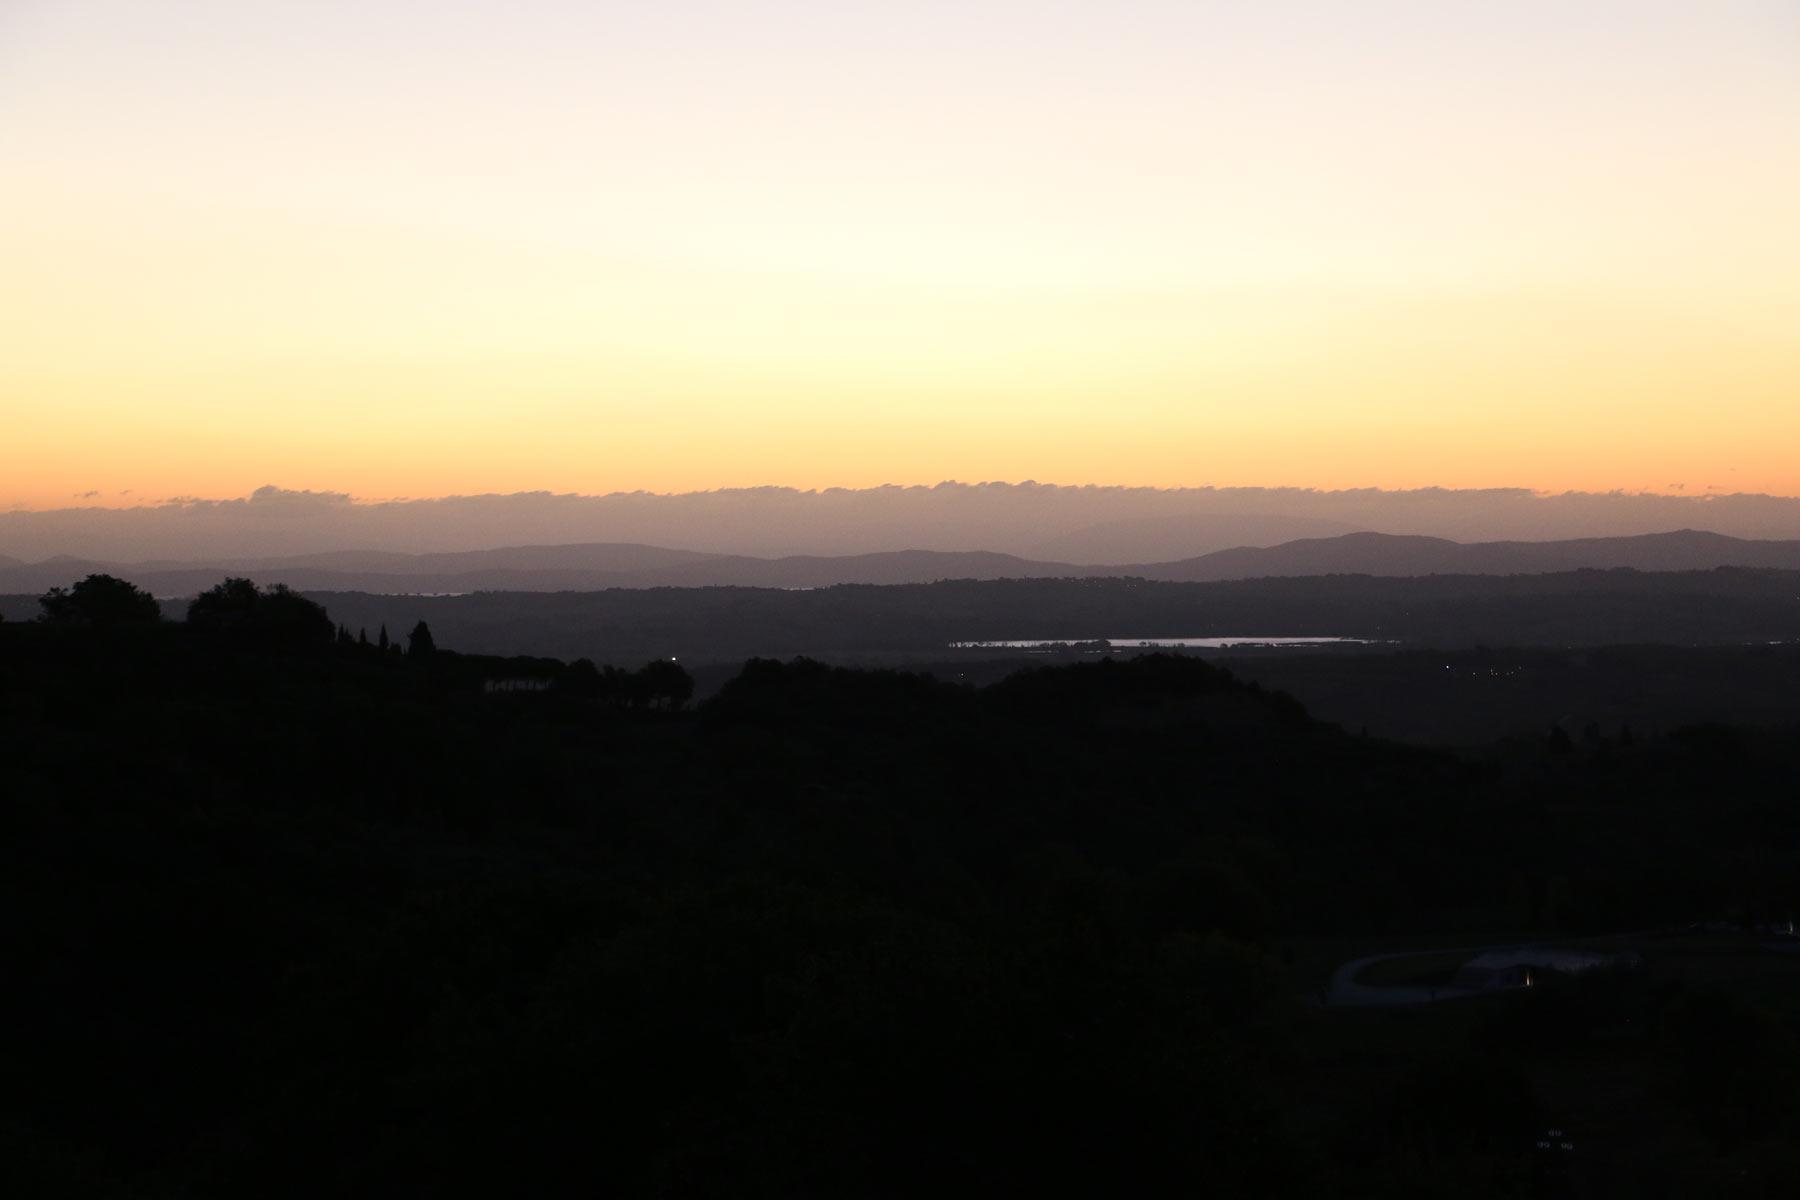 Fattoria-Sunset.jpg#asset:362